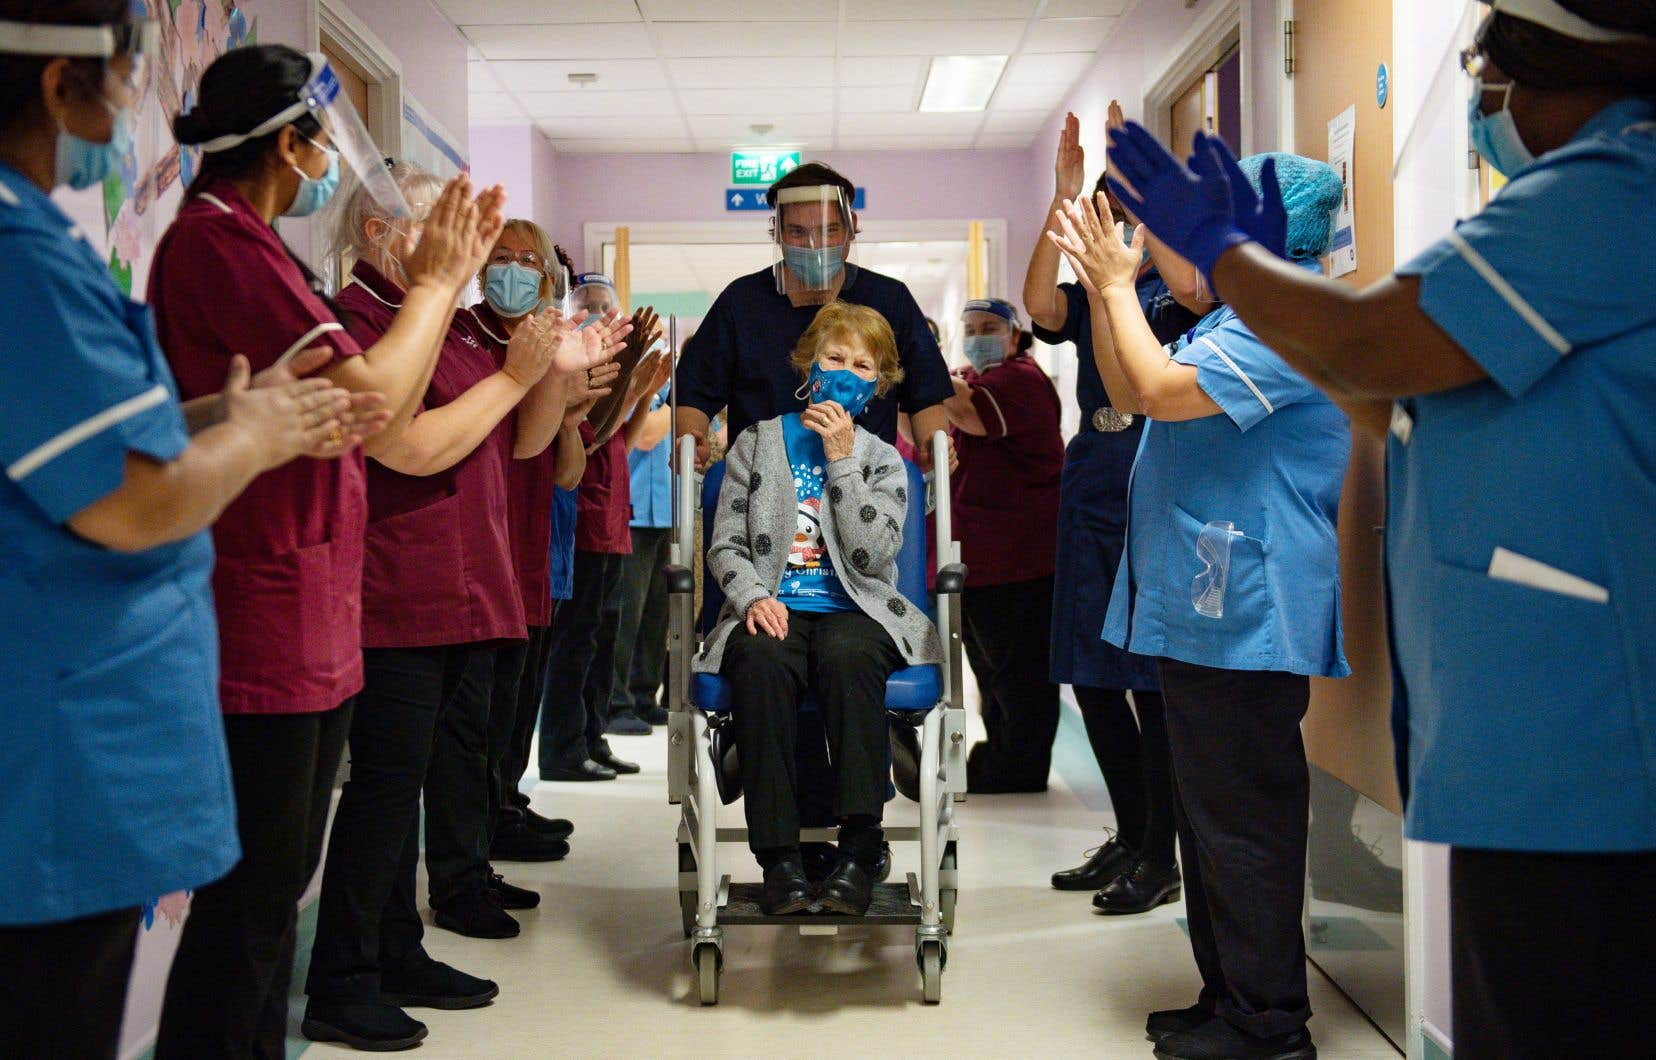 Margaret Keenan, une Britannique de 90 ans, est devenue le 8 décembre 2020 la première personne dans le monde à recevoir le vaccin de Pfizer dans le cadre d'une campagne de vaccination non expérimentale. Depuis lors, l'intervalle entre les deux doses a fait l'objet de débats.